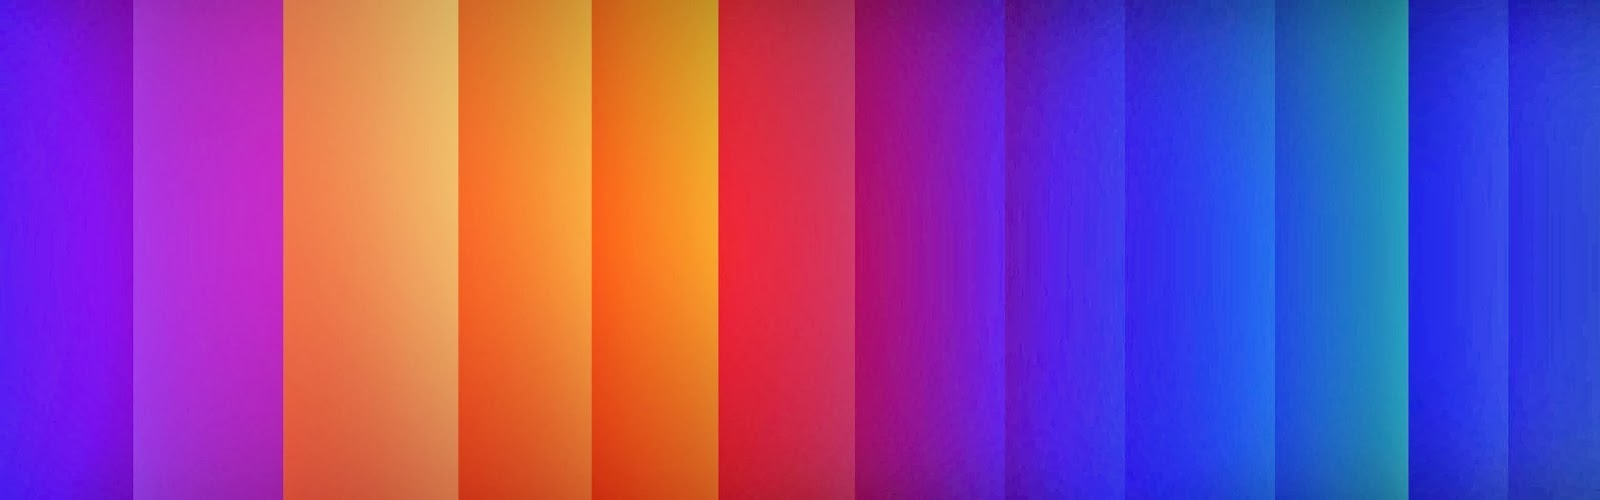 dual widescreen wallpapers: vertical spectrum